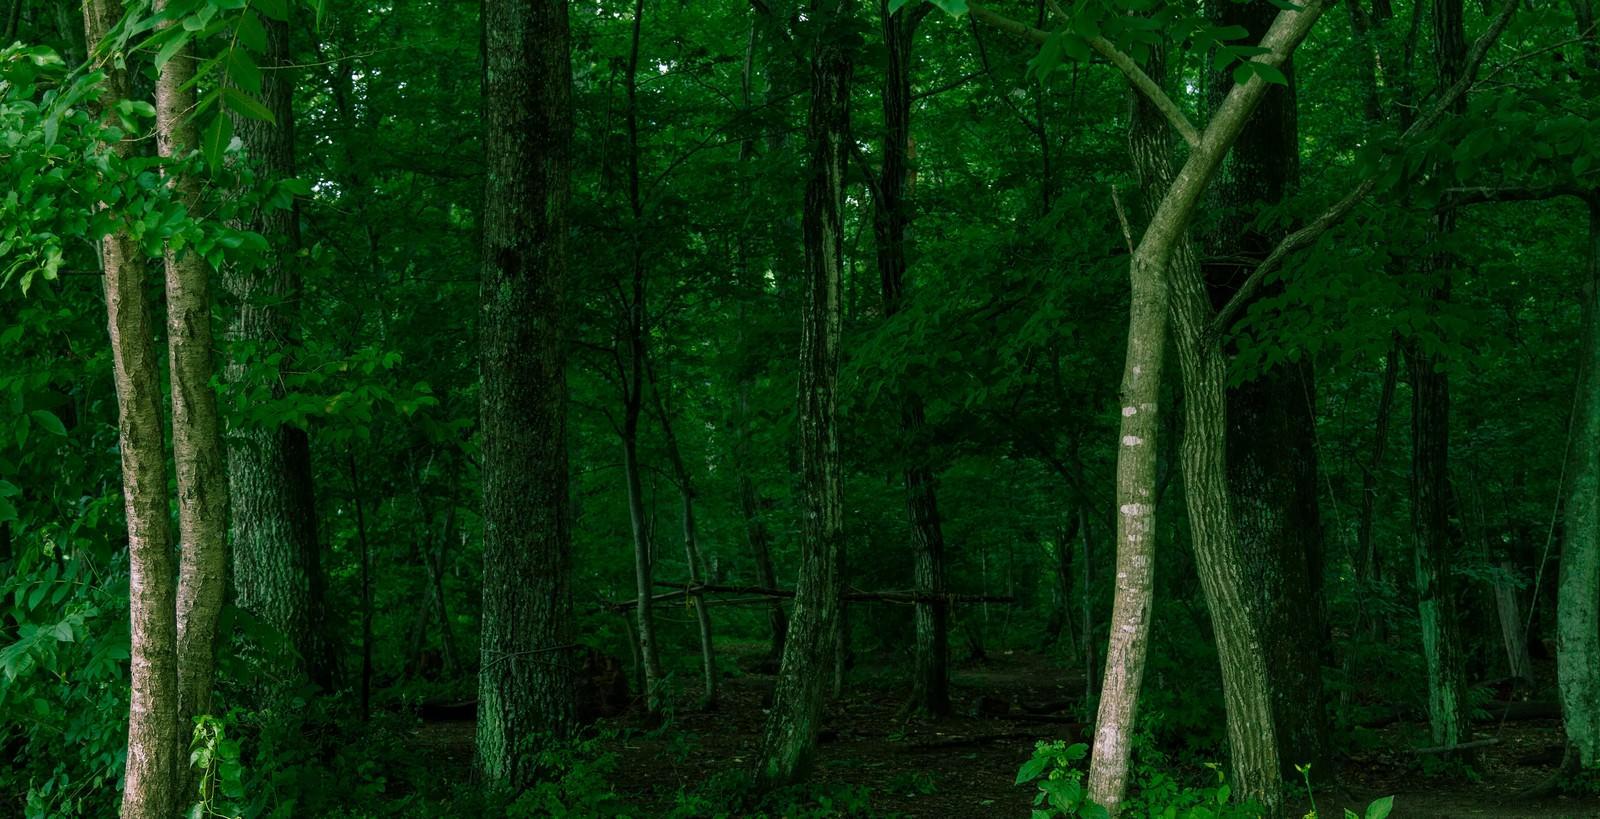 「不気味な深い森」の写真